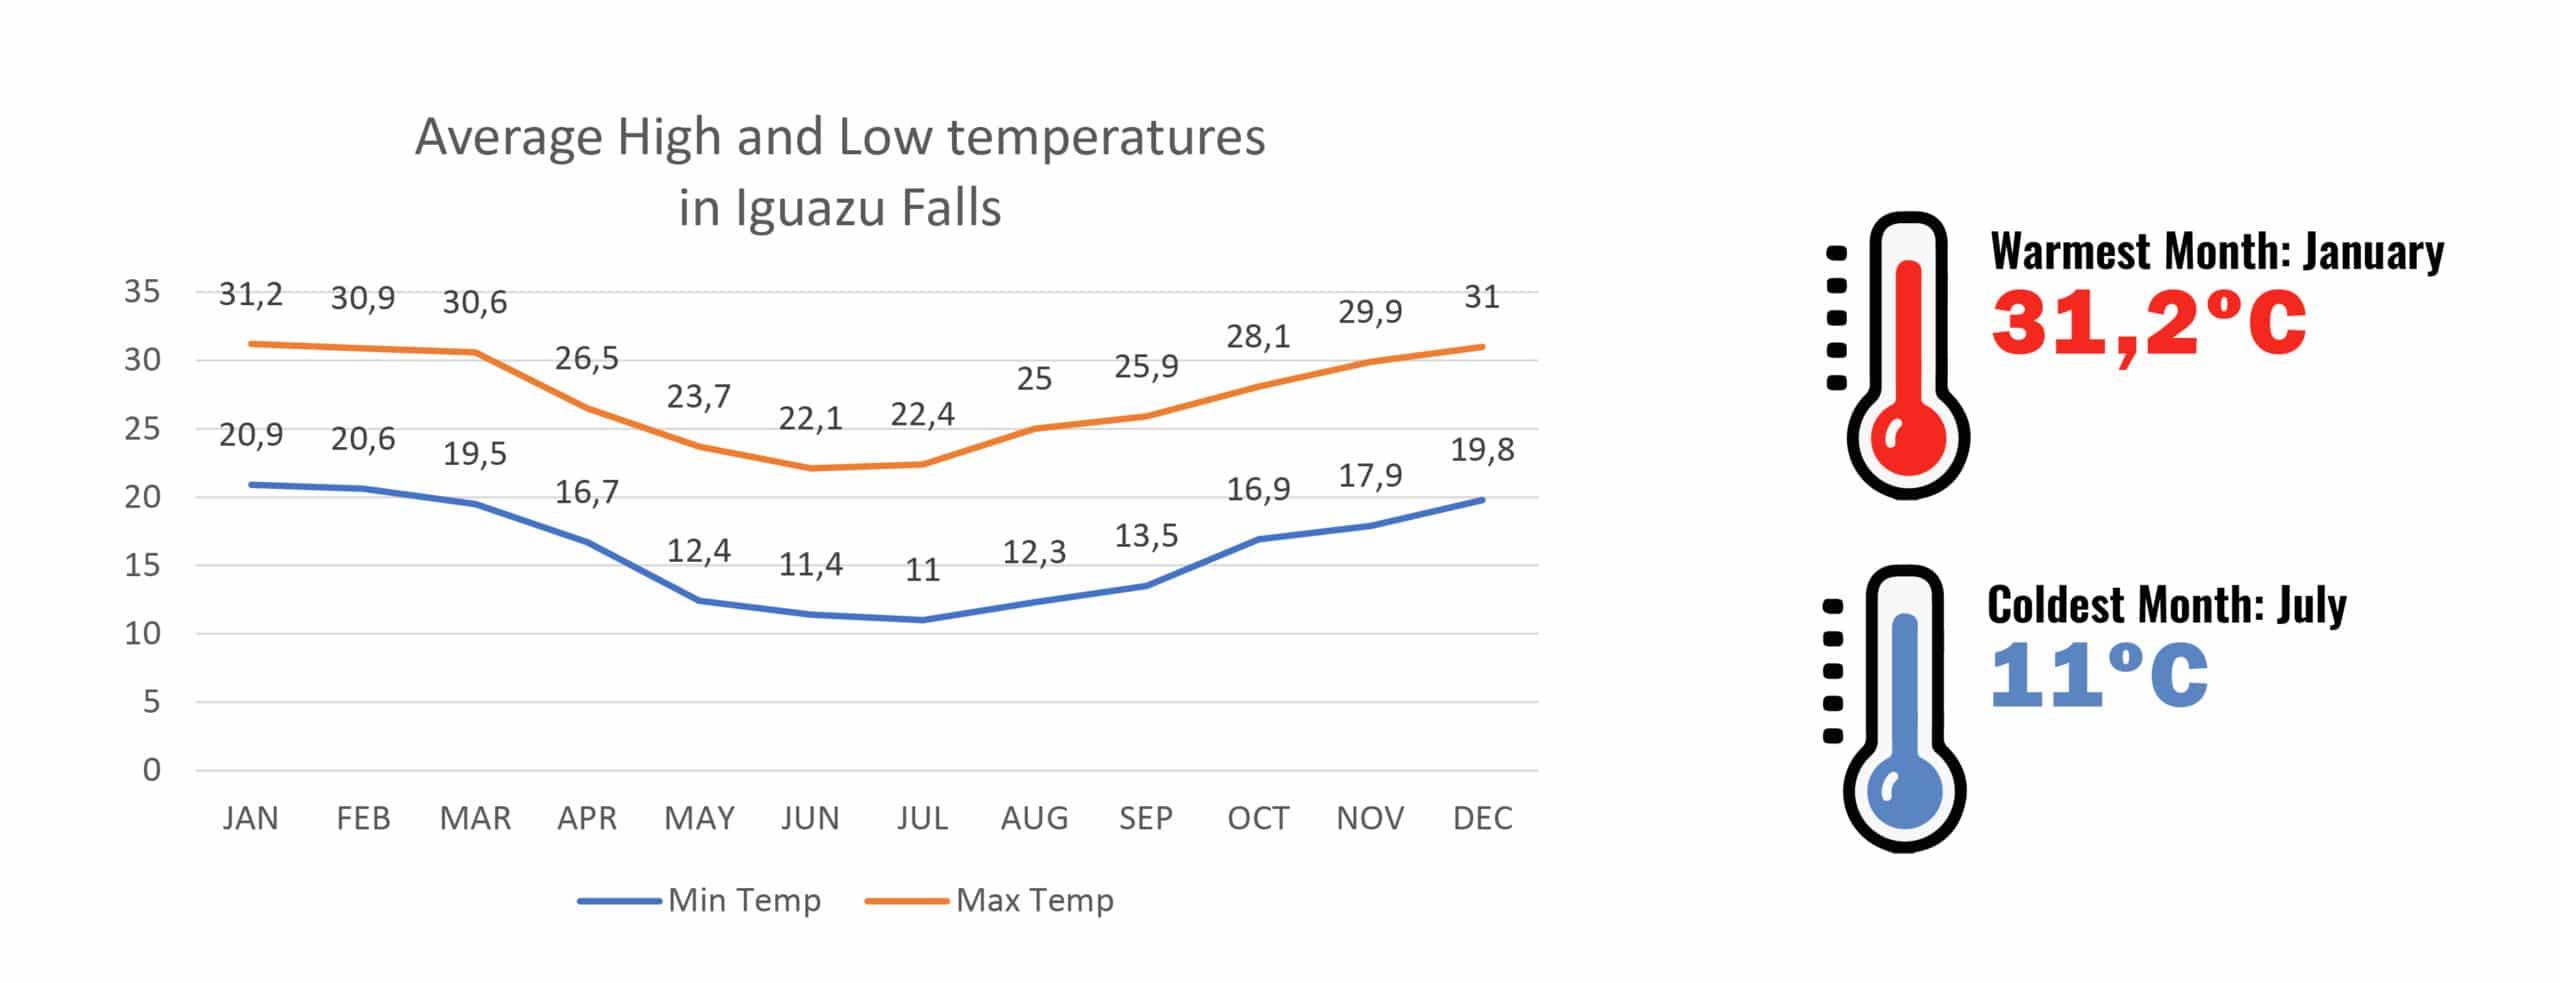 Temperatures in Iguazu Falls - RipioTurismo Incoming Tour Operator Argentina